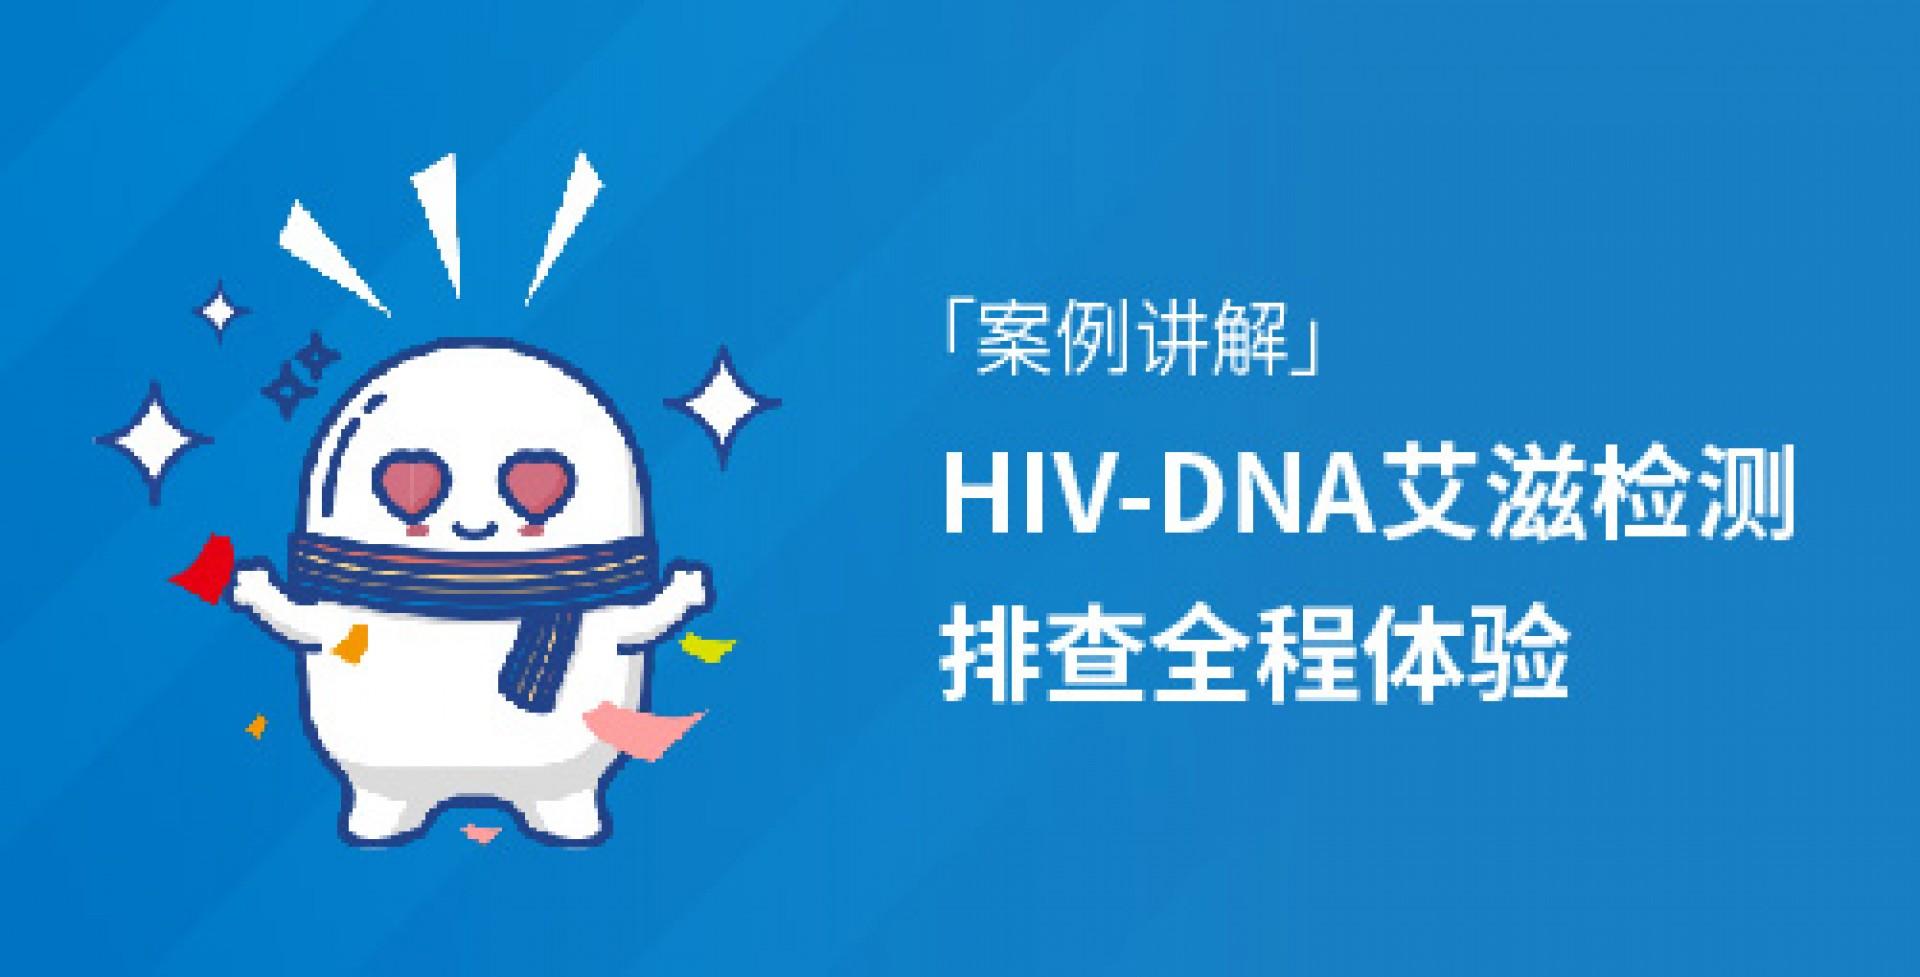 「案例講解」HIV-DNA艾滋檢測排查全程體驗